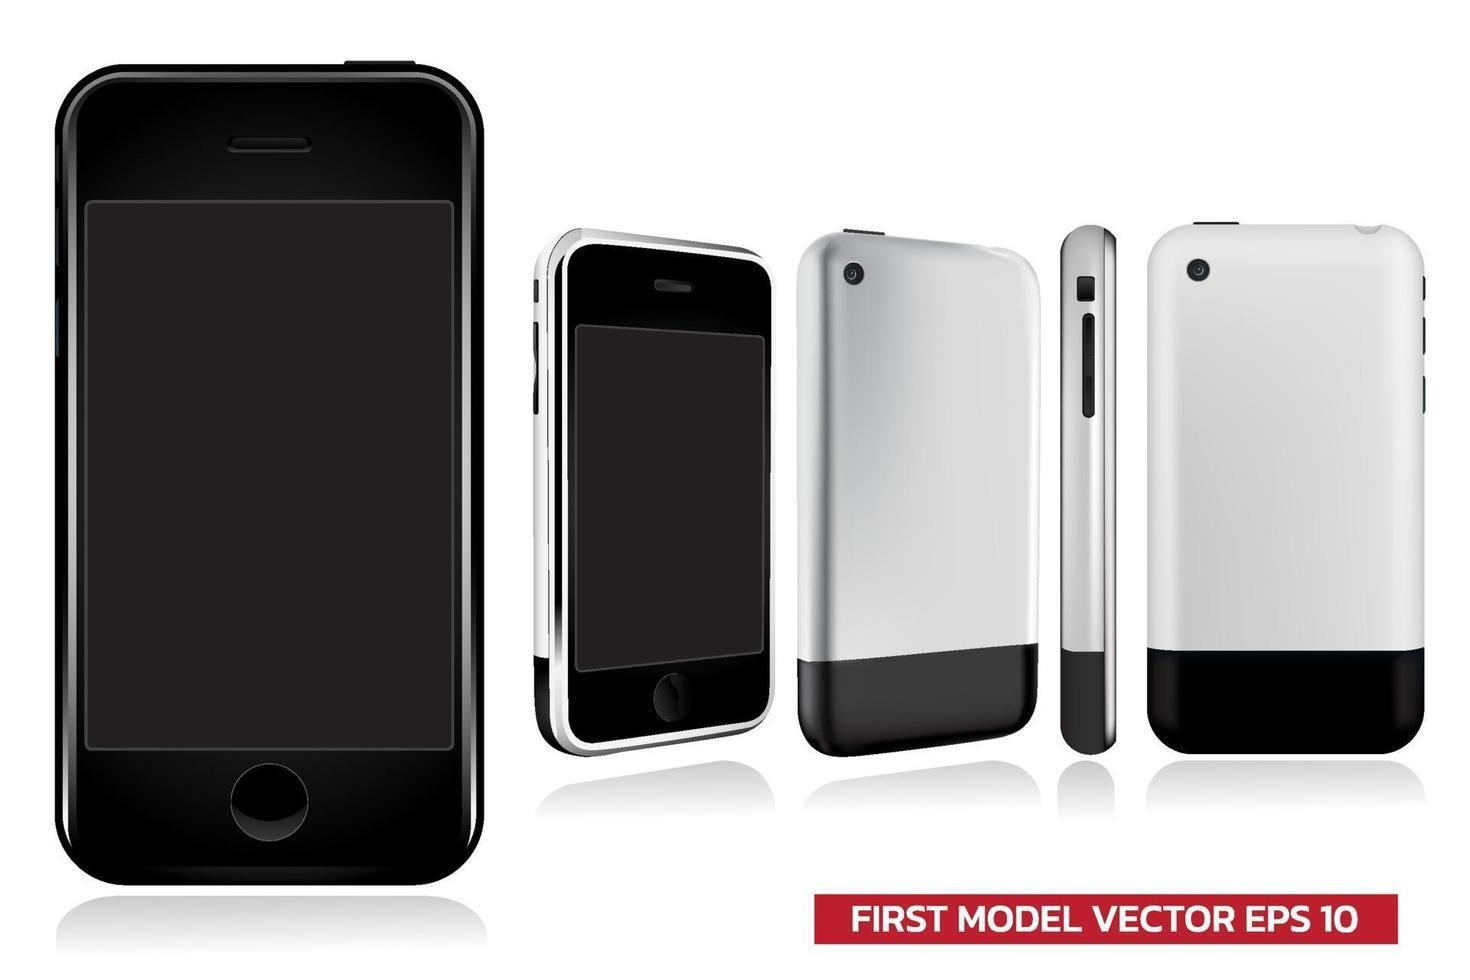 prima generazione di modello di smartphone in vista diversa anteriore, laterale, posteriore, mock up realistica illustrazione vettoriale su sfondo bianco.